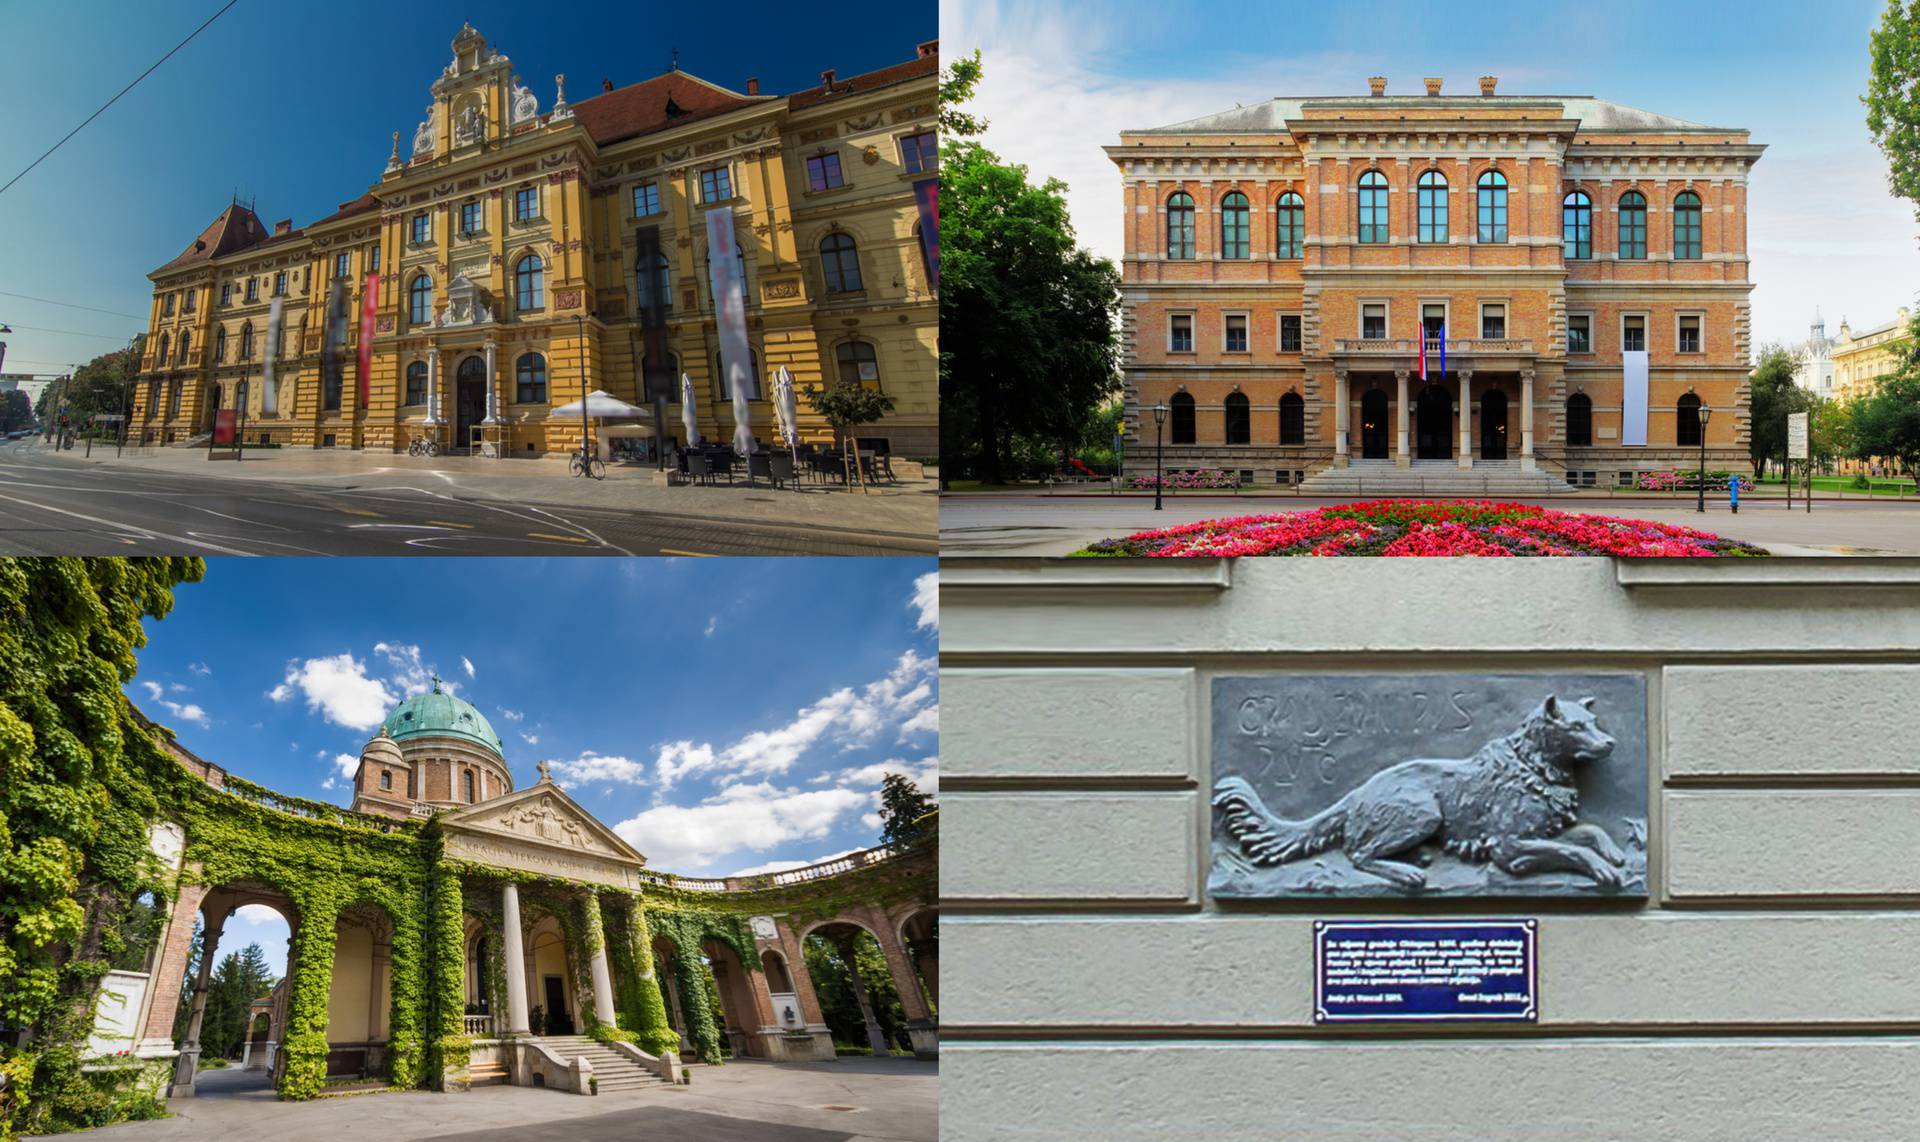 Tajnoviti Zagreb: Šest zanimljivosti koje kriju poznate zagrebačke zgrade